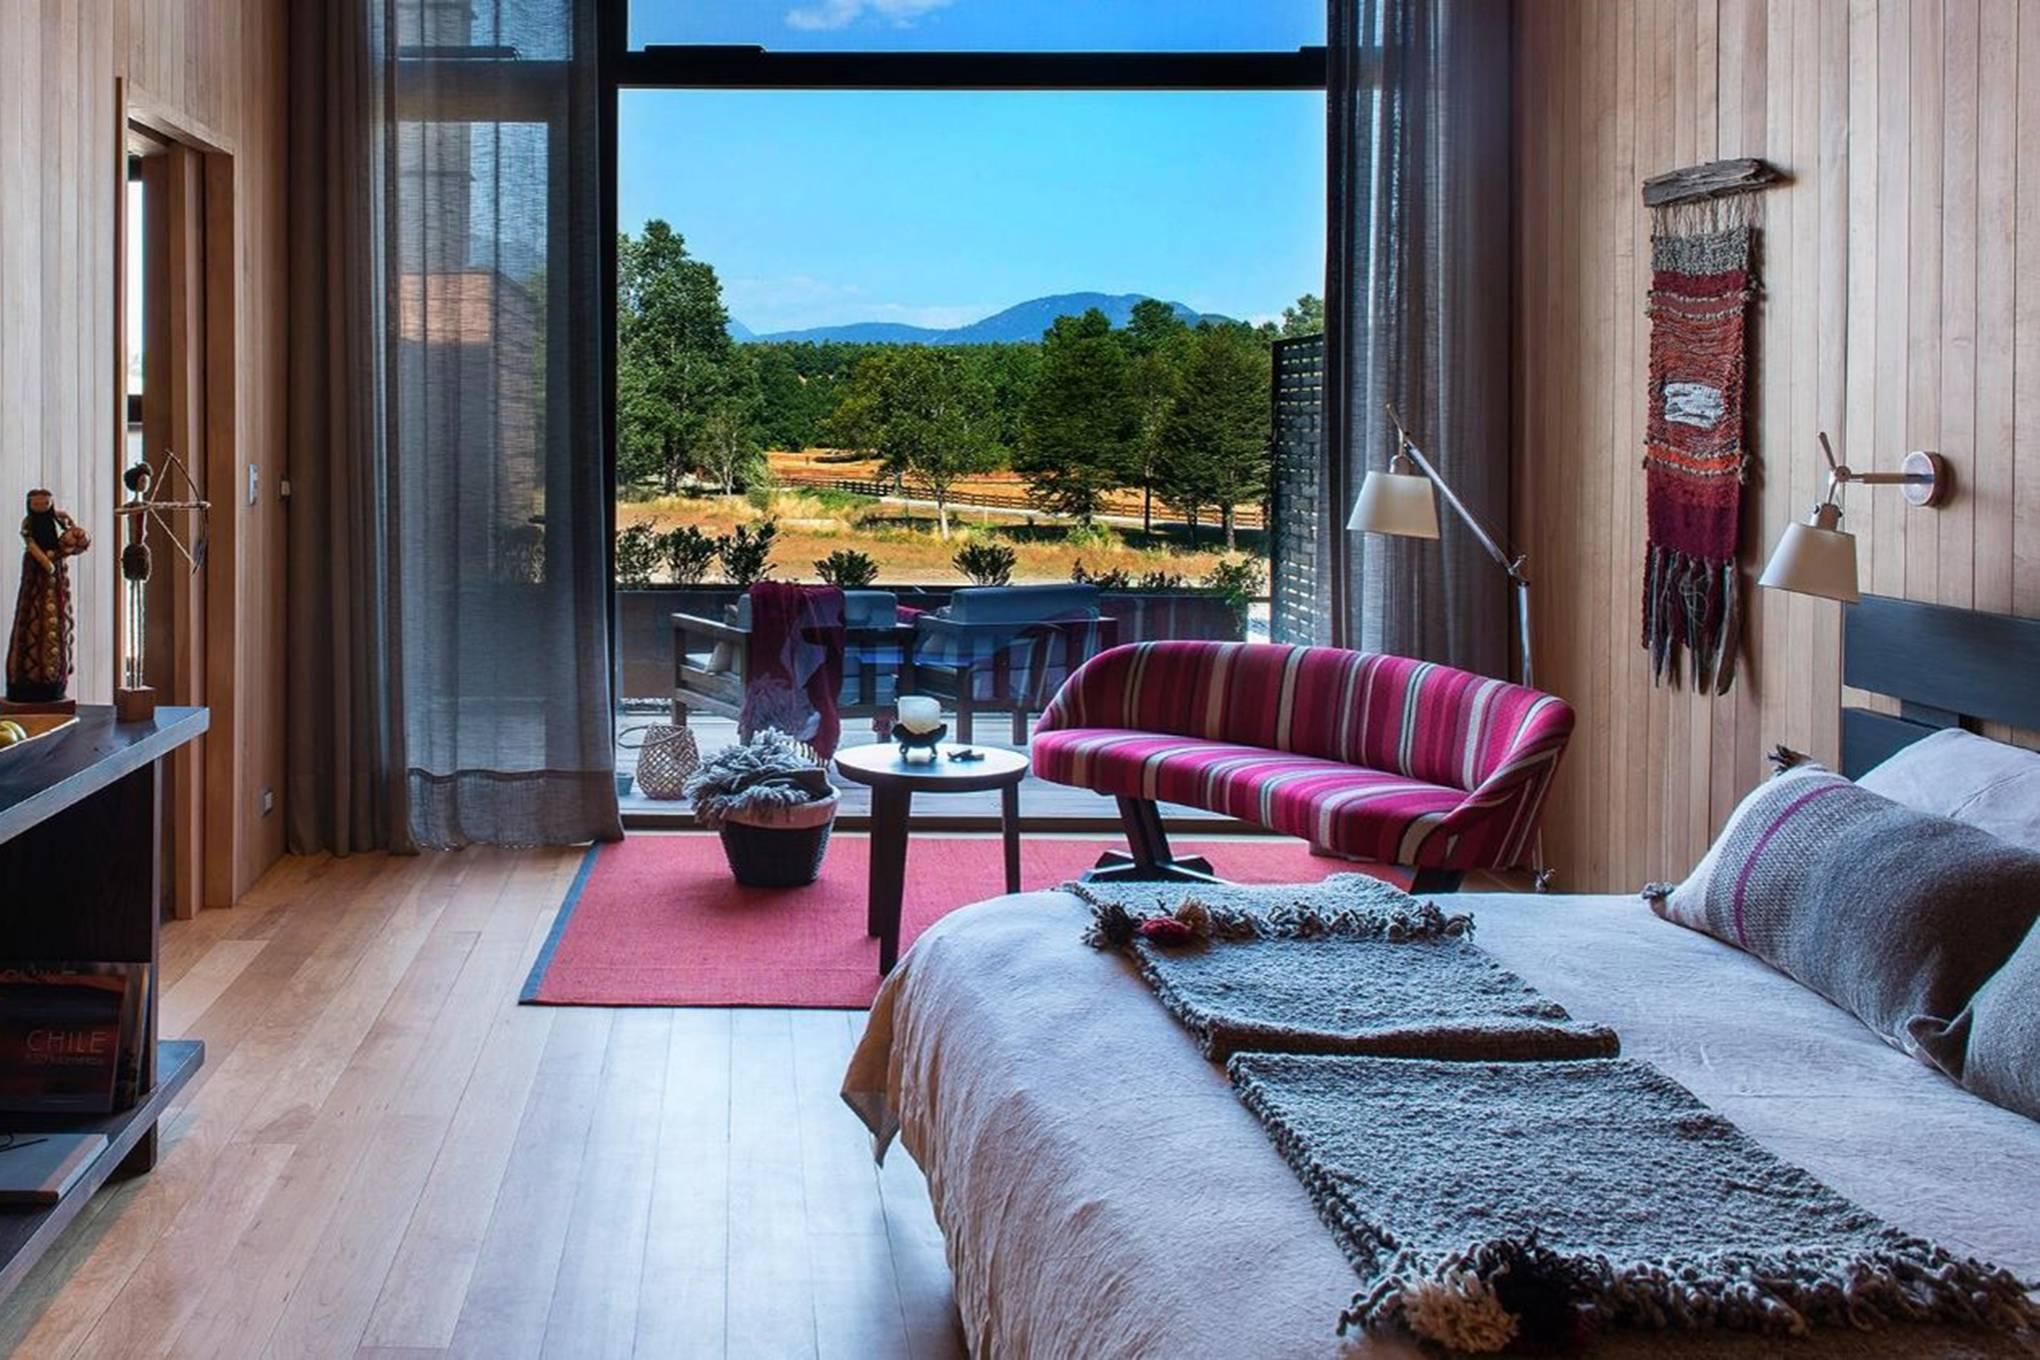 Hot hotel openings for 2018 | CN Traveller